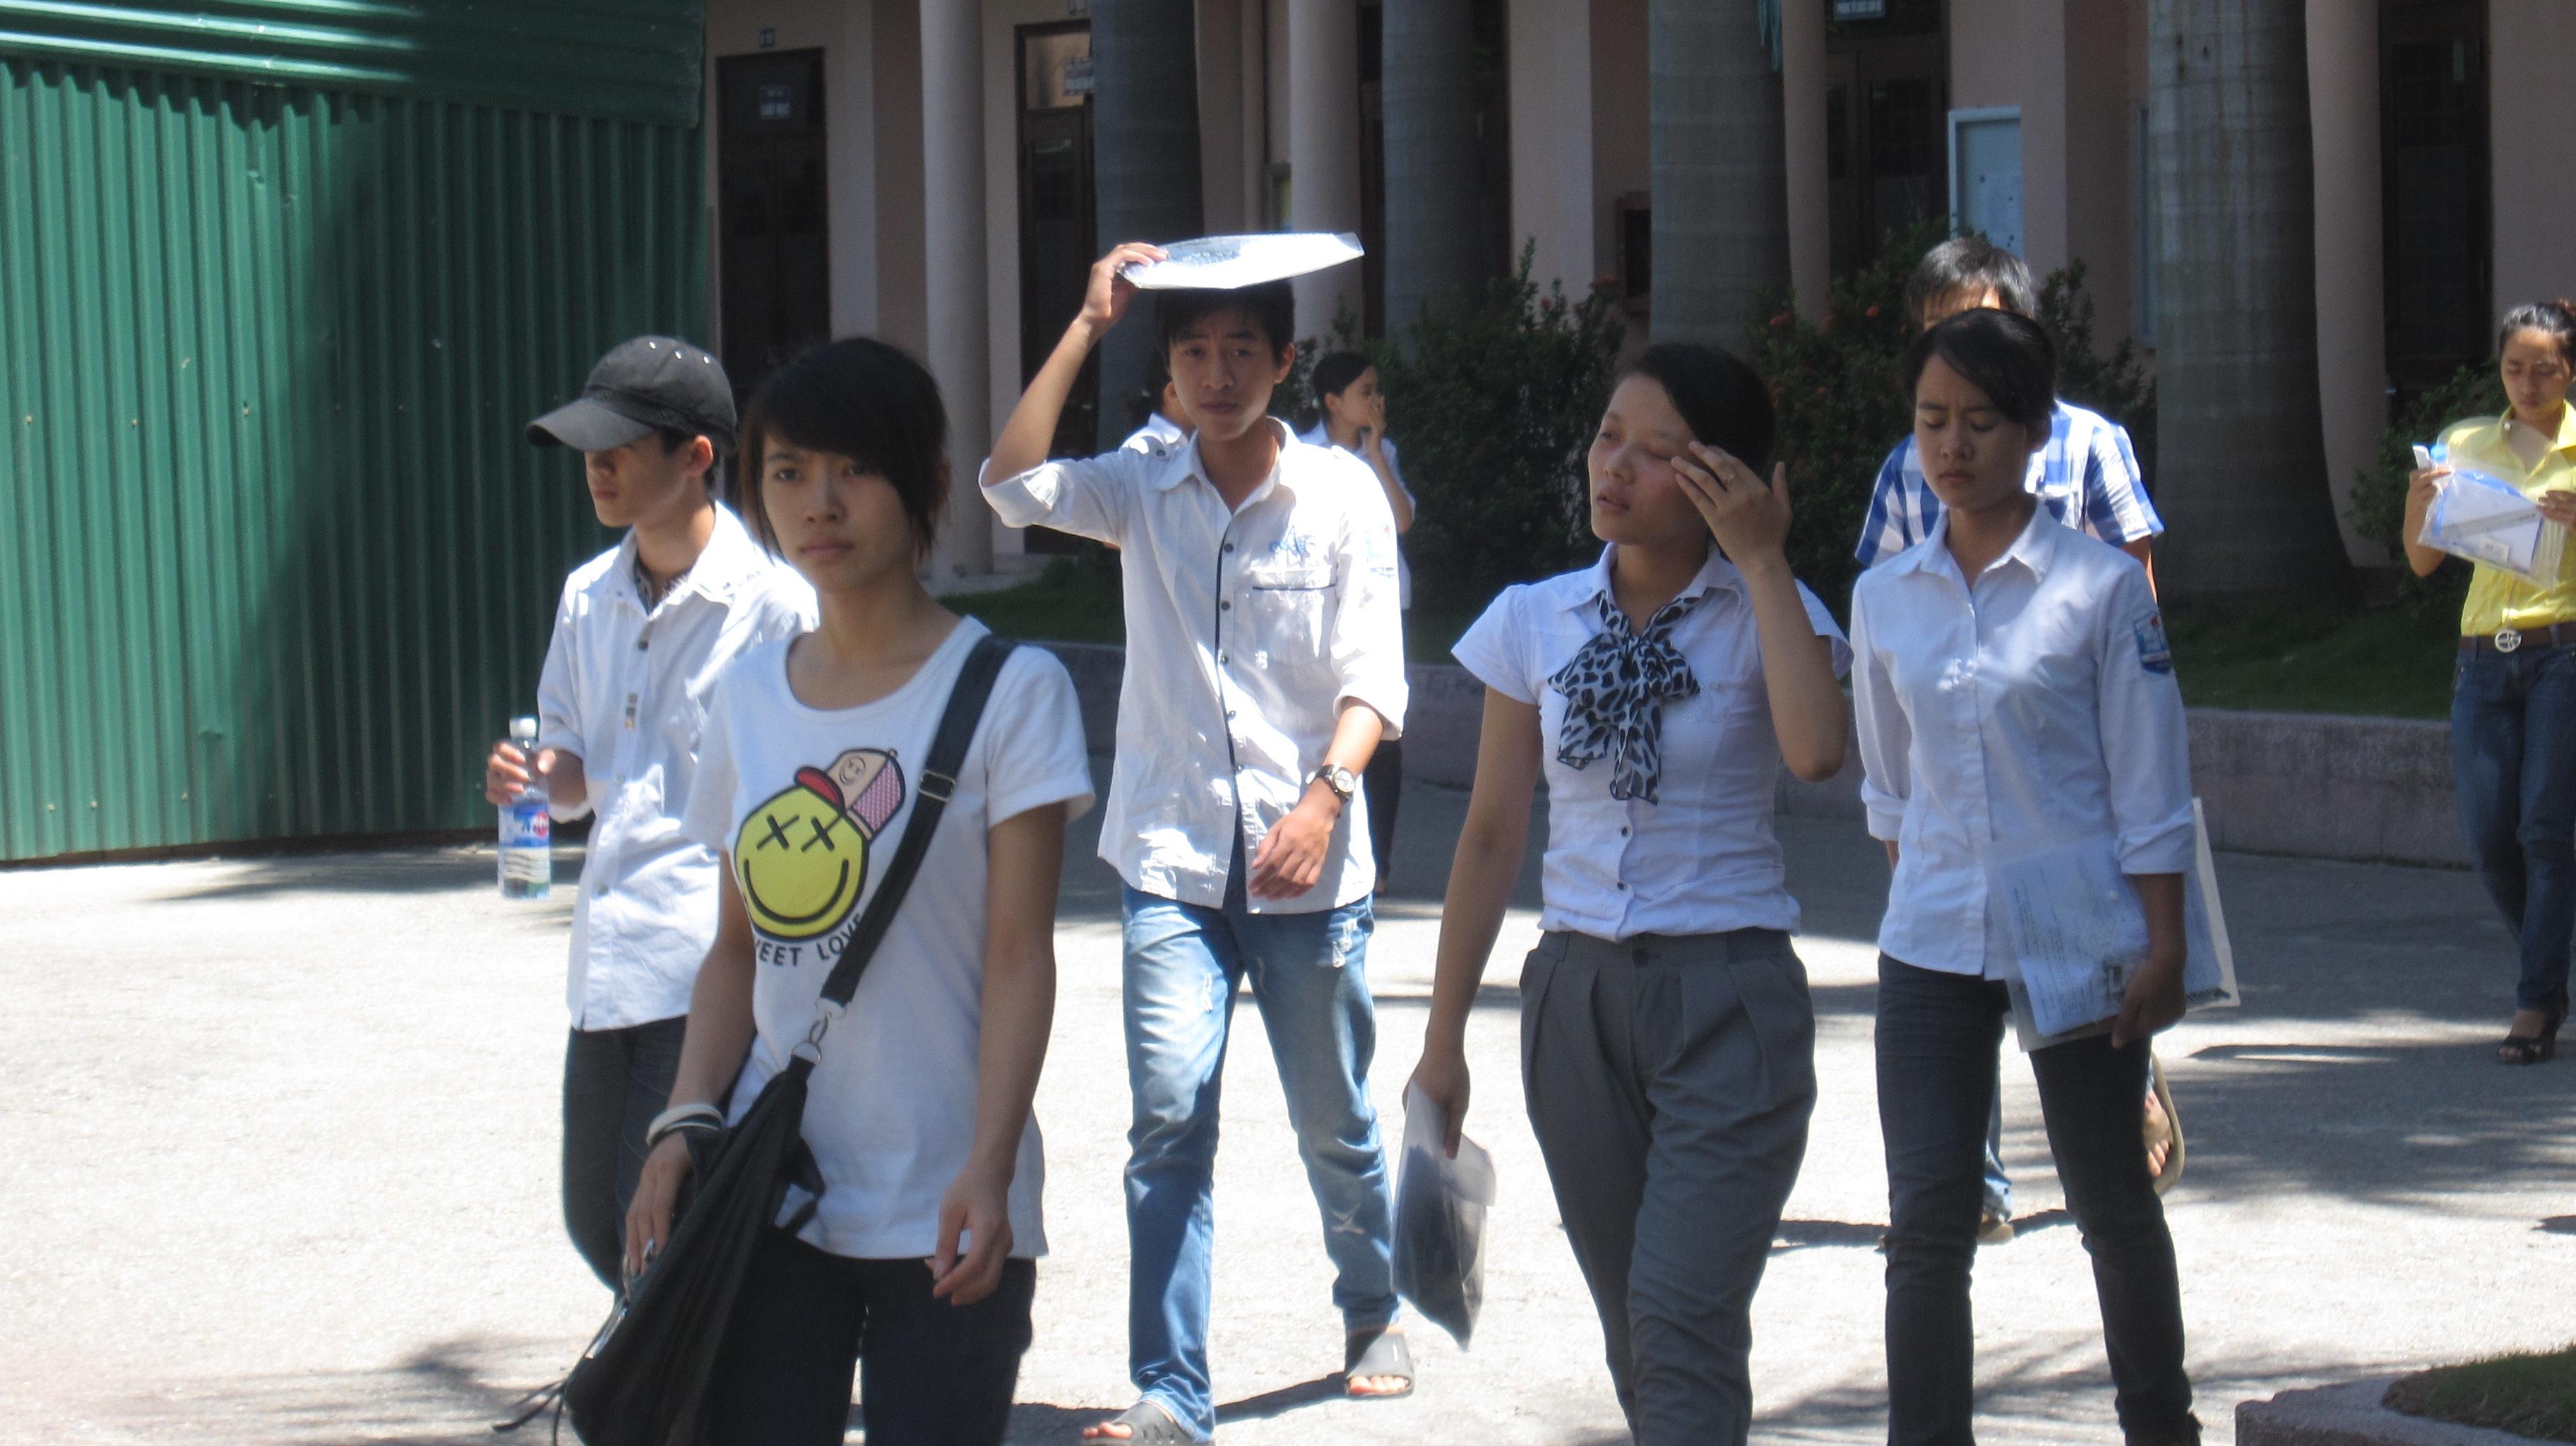 UBND thành phố Hà Nội yêu cầu lập đoàn kiểm tra công tác quản lý kết quả học tập, chuẩn bị thi đầu cấp (ảnh: Minh họa)